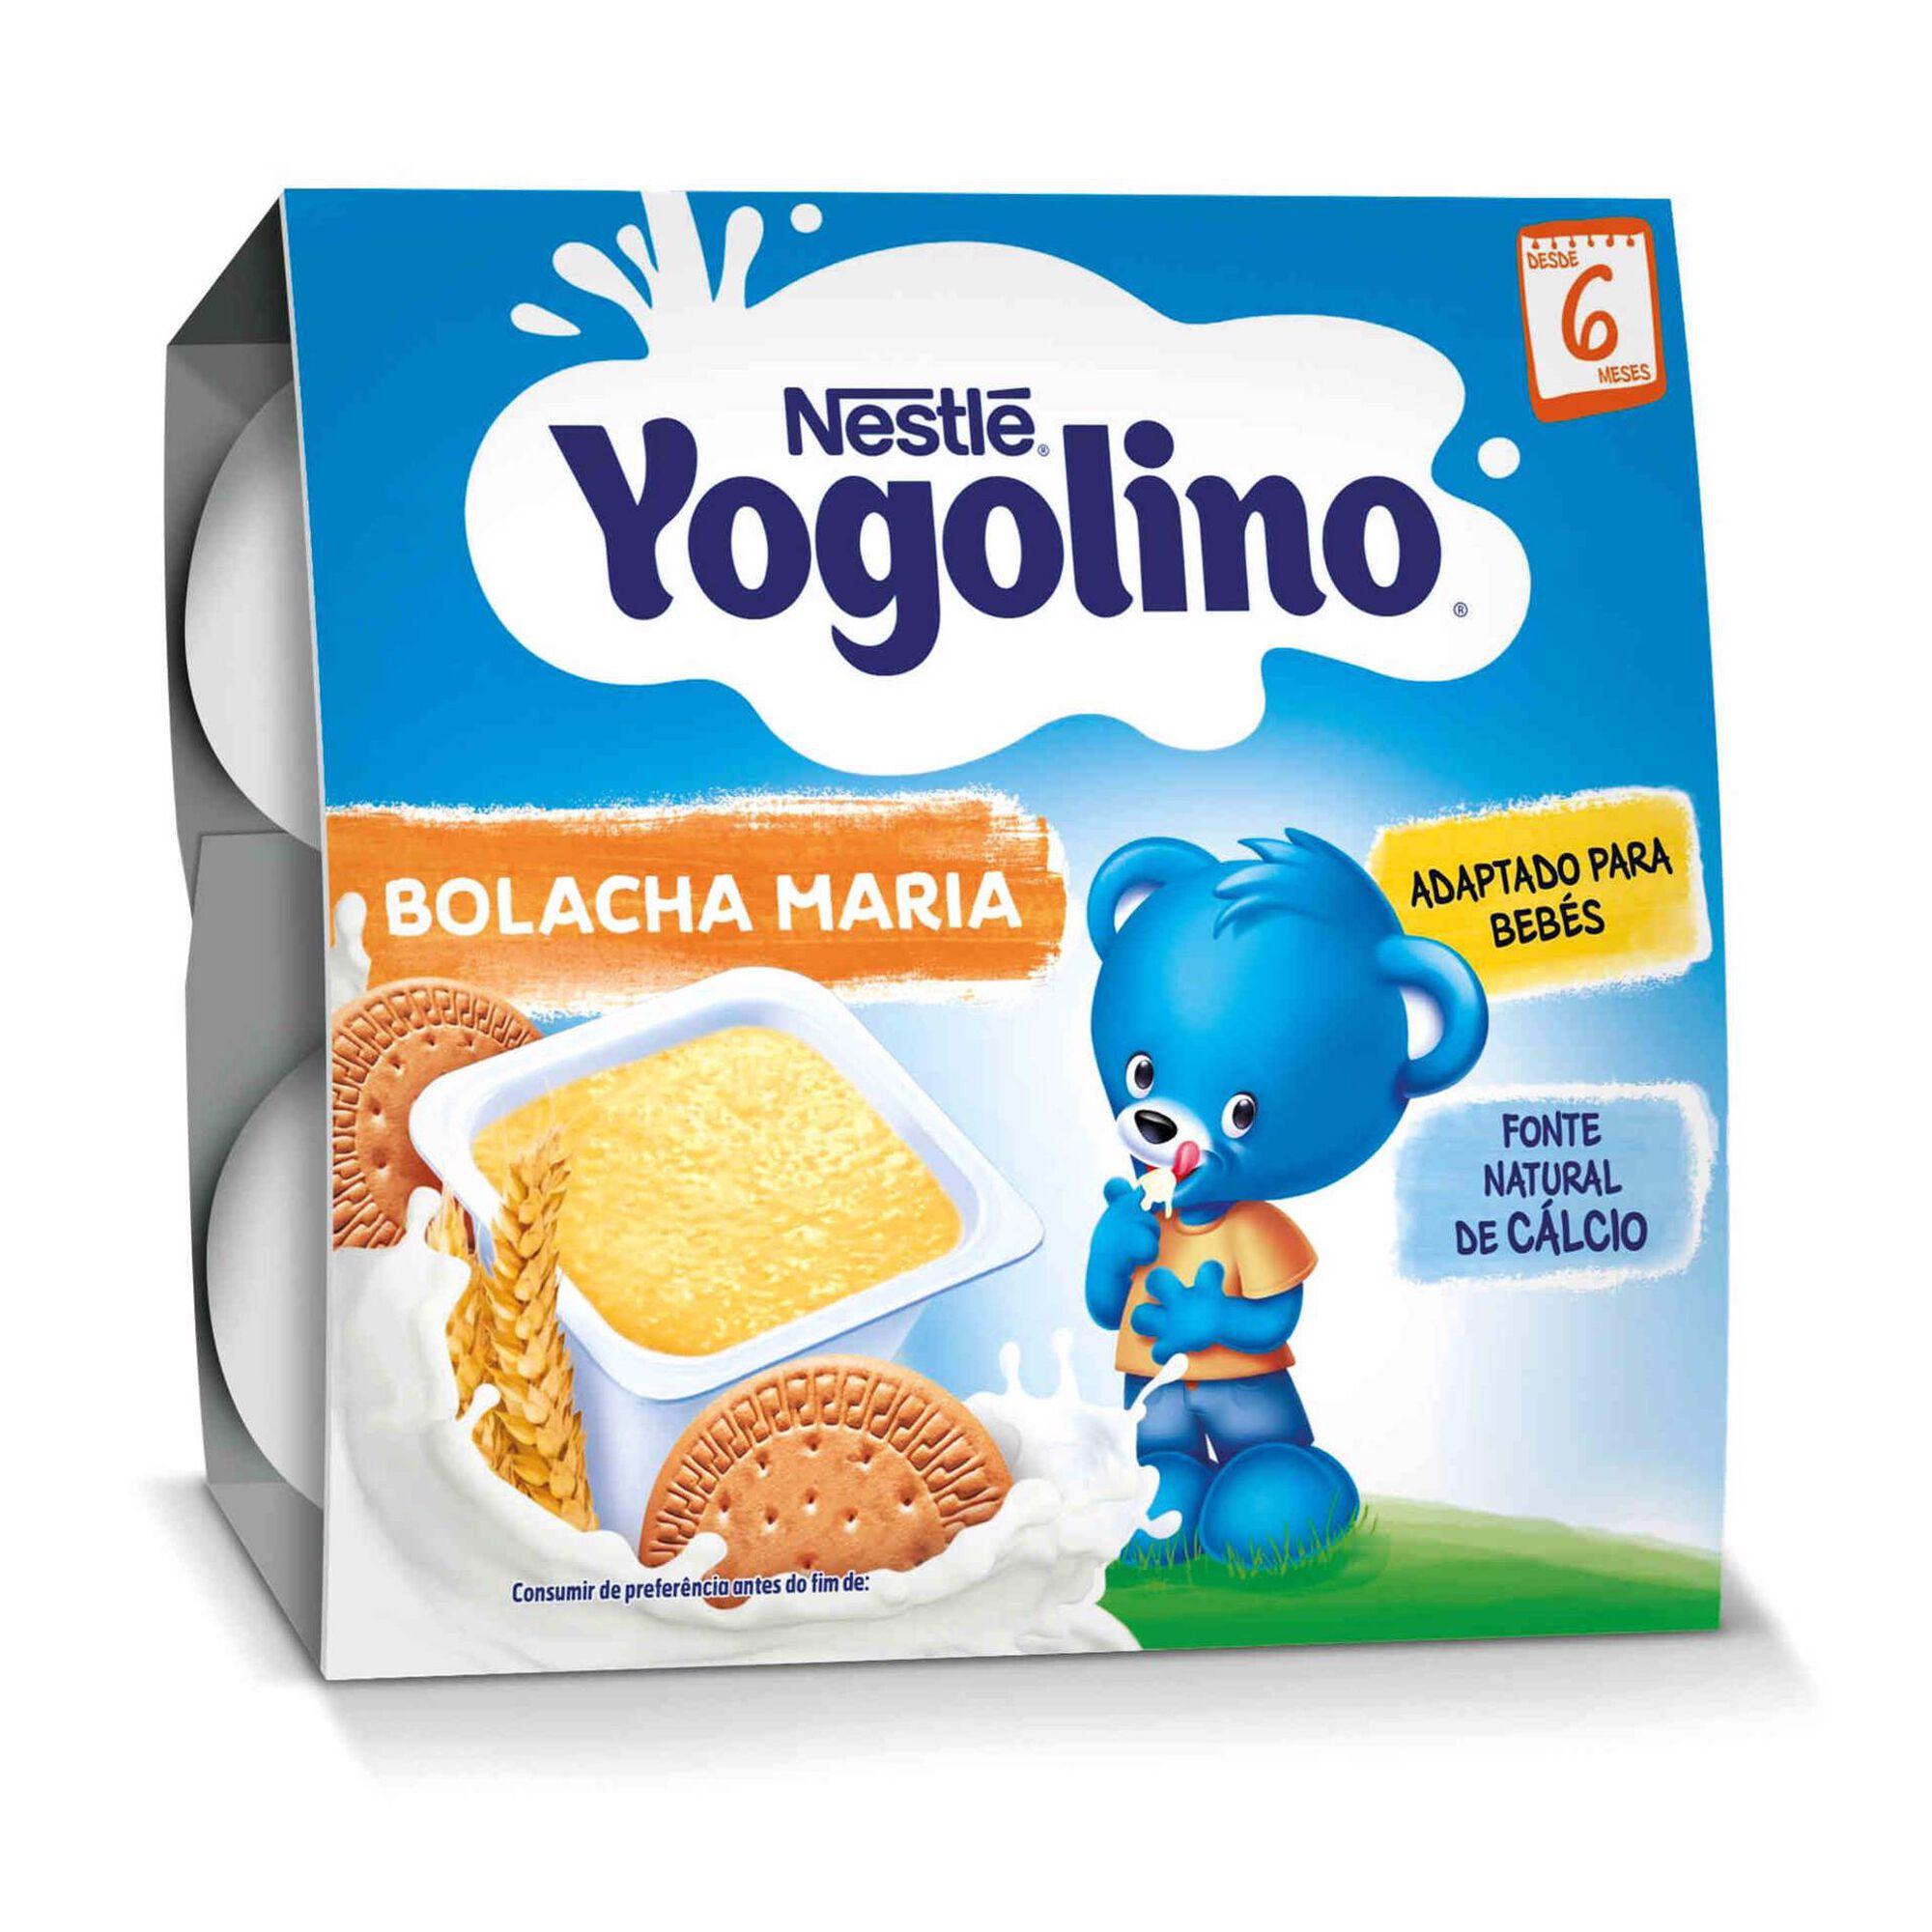 Alimento Lácteo de Cereais e Bolacha Maria Yogolino +6 Meses